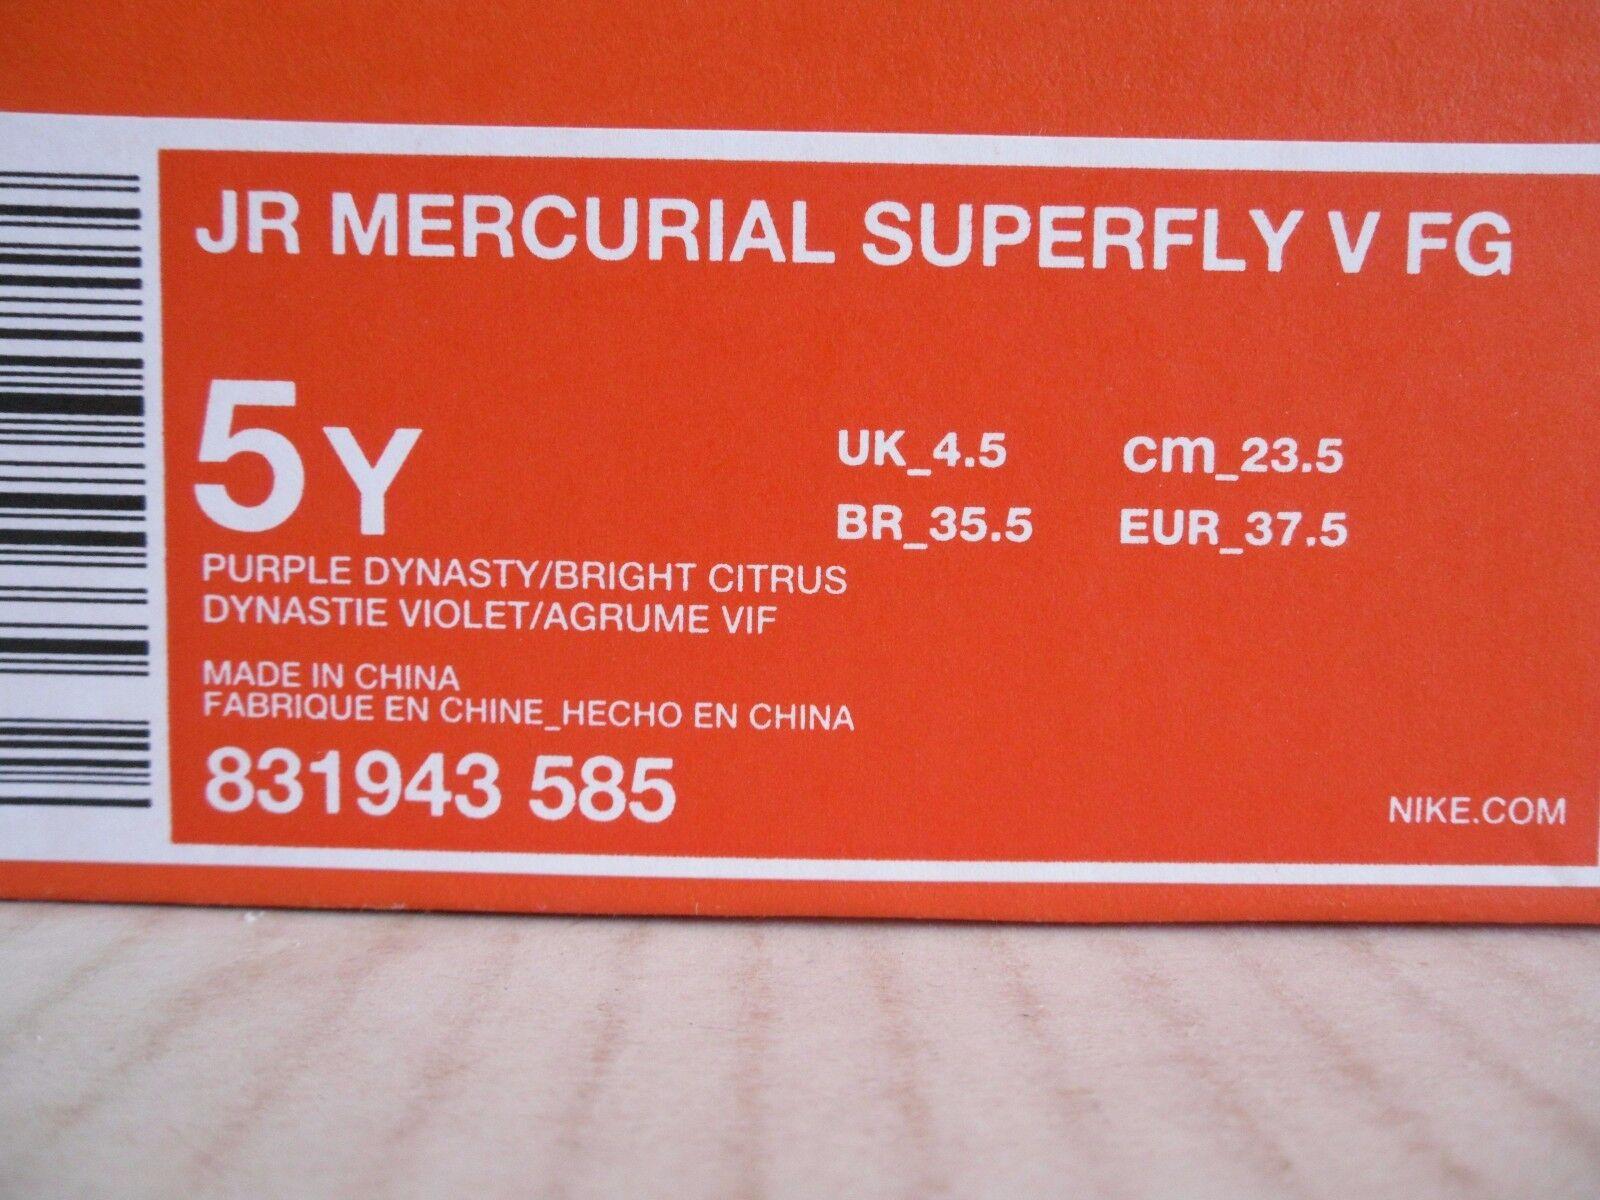 e42970f67 ... promo code for nike jr mercurial superfly v fg purple dynasty dynasty  dynasty sz 5y femmes